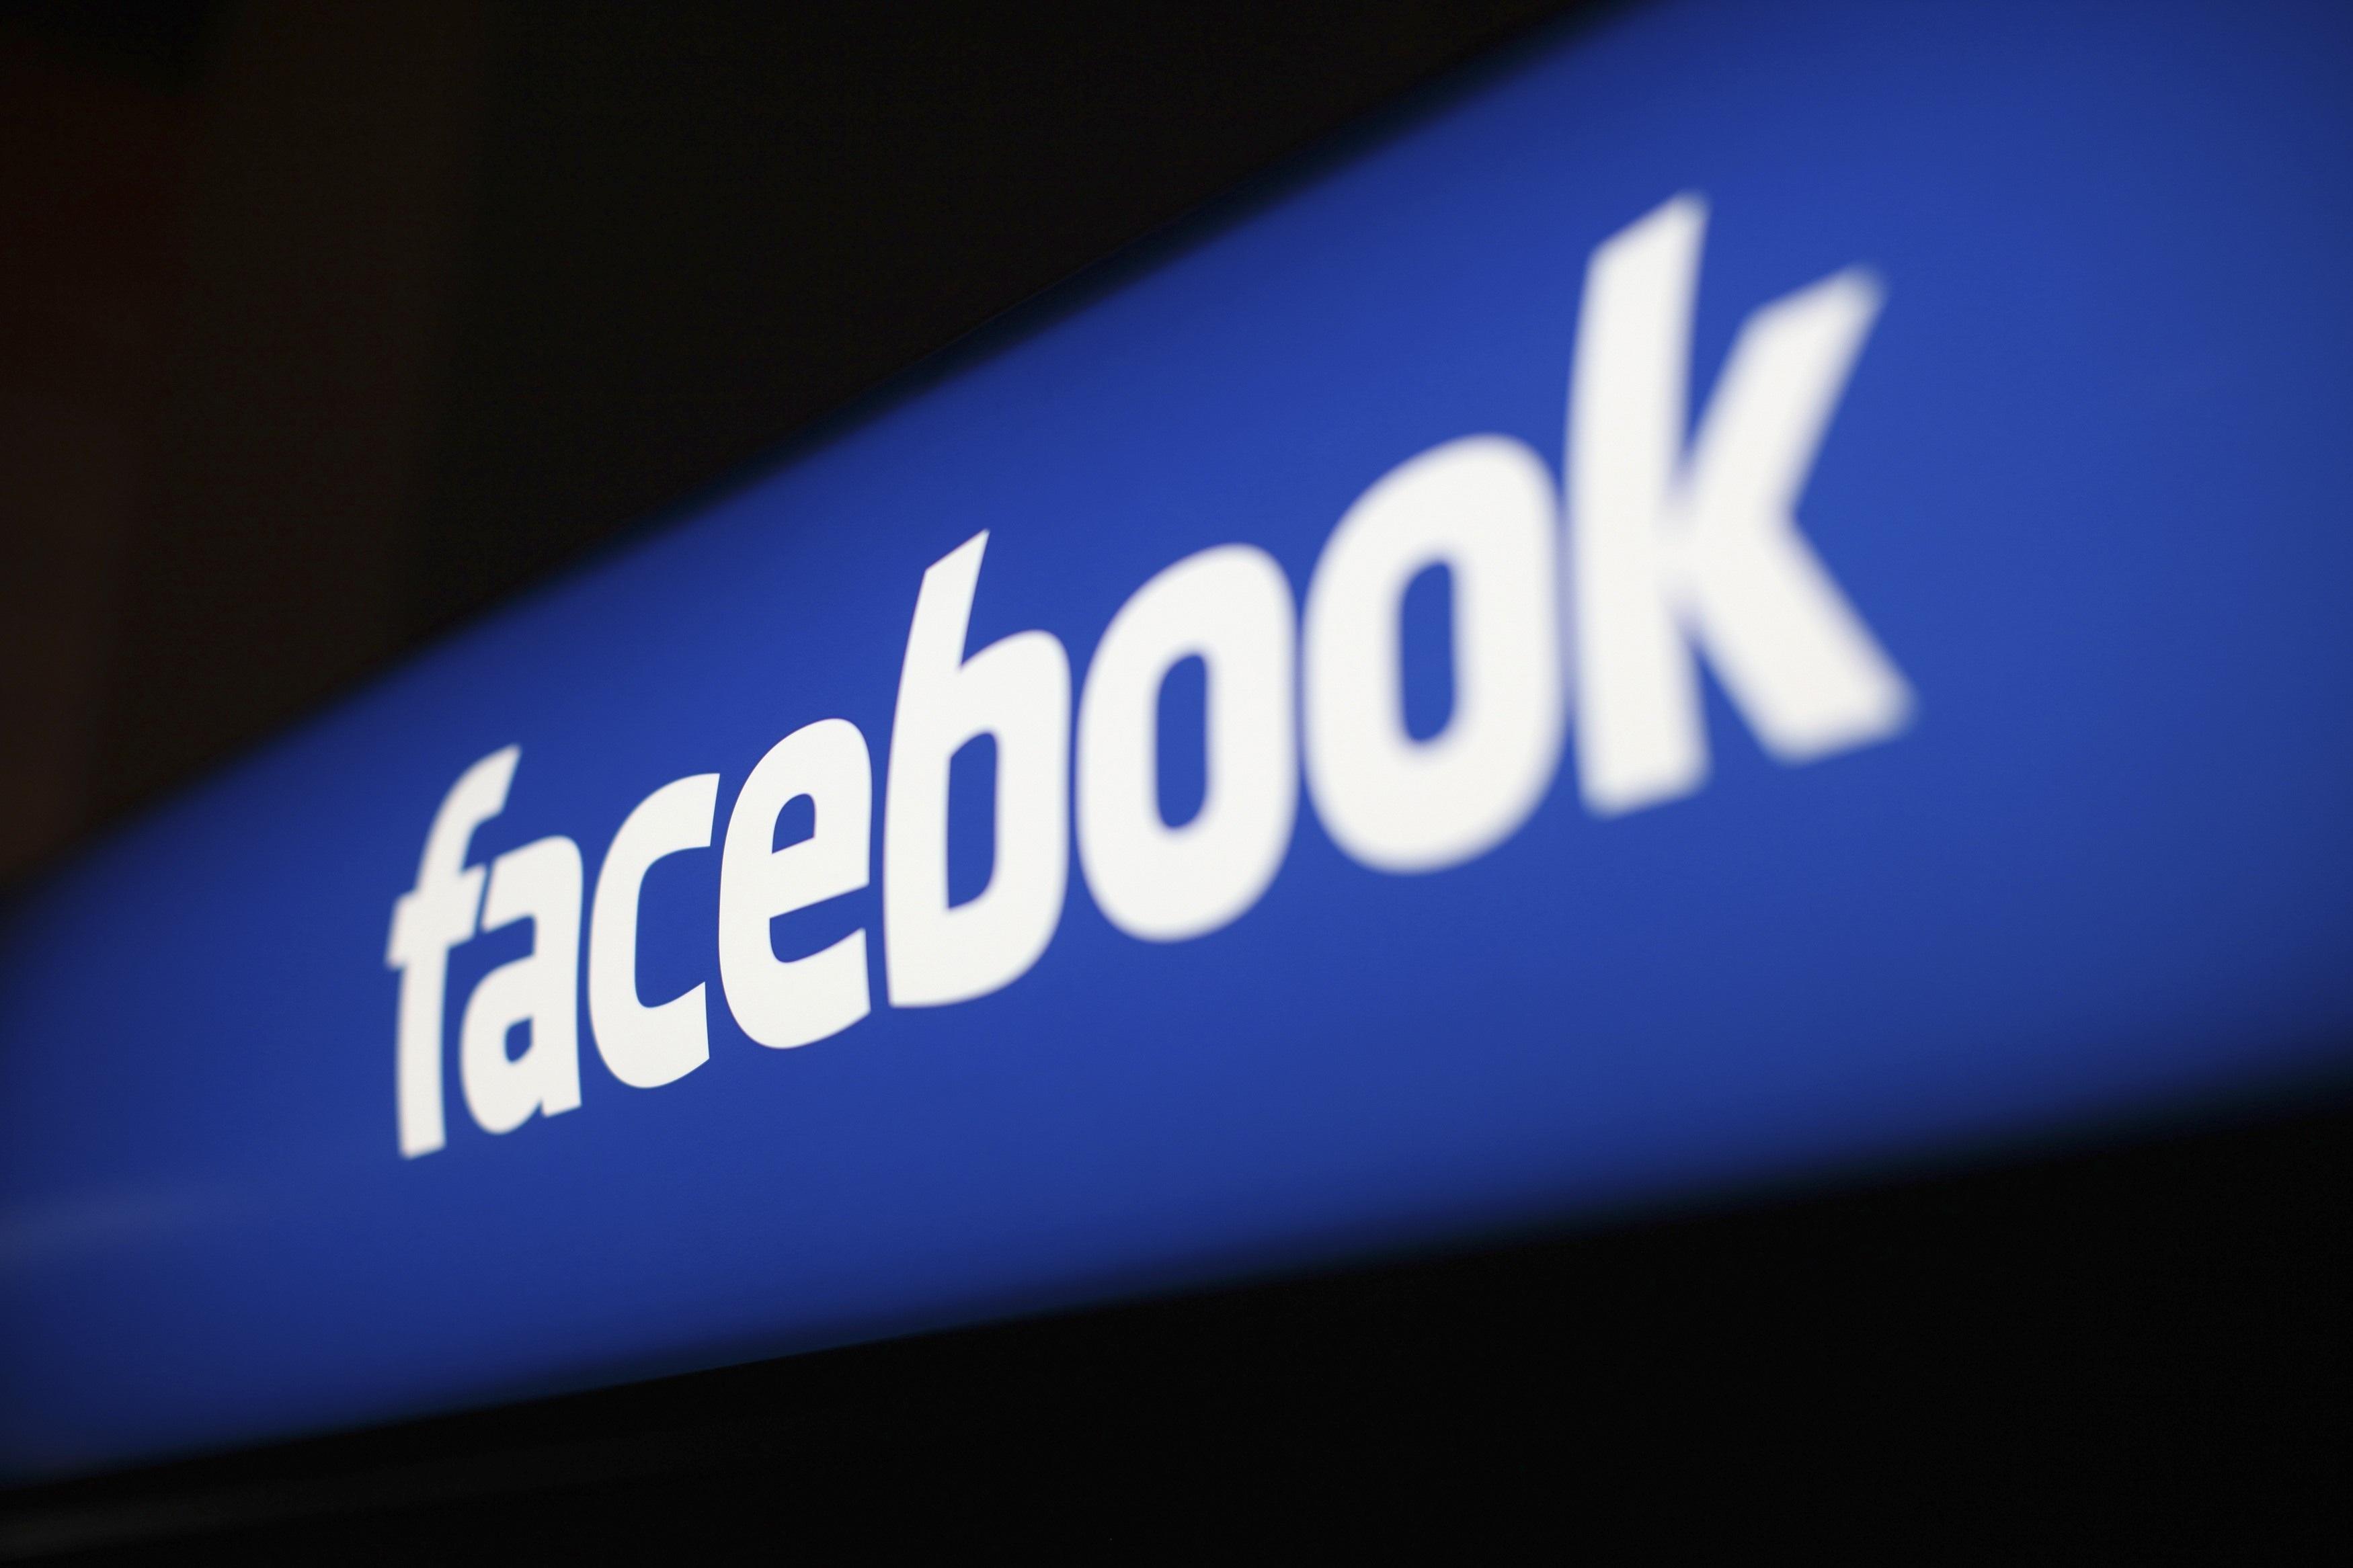 Buone pratiche da seguire su Facebook per la pubblica amministrazione che vuol essere social